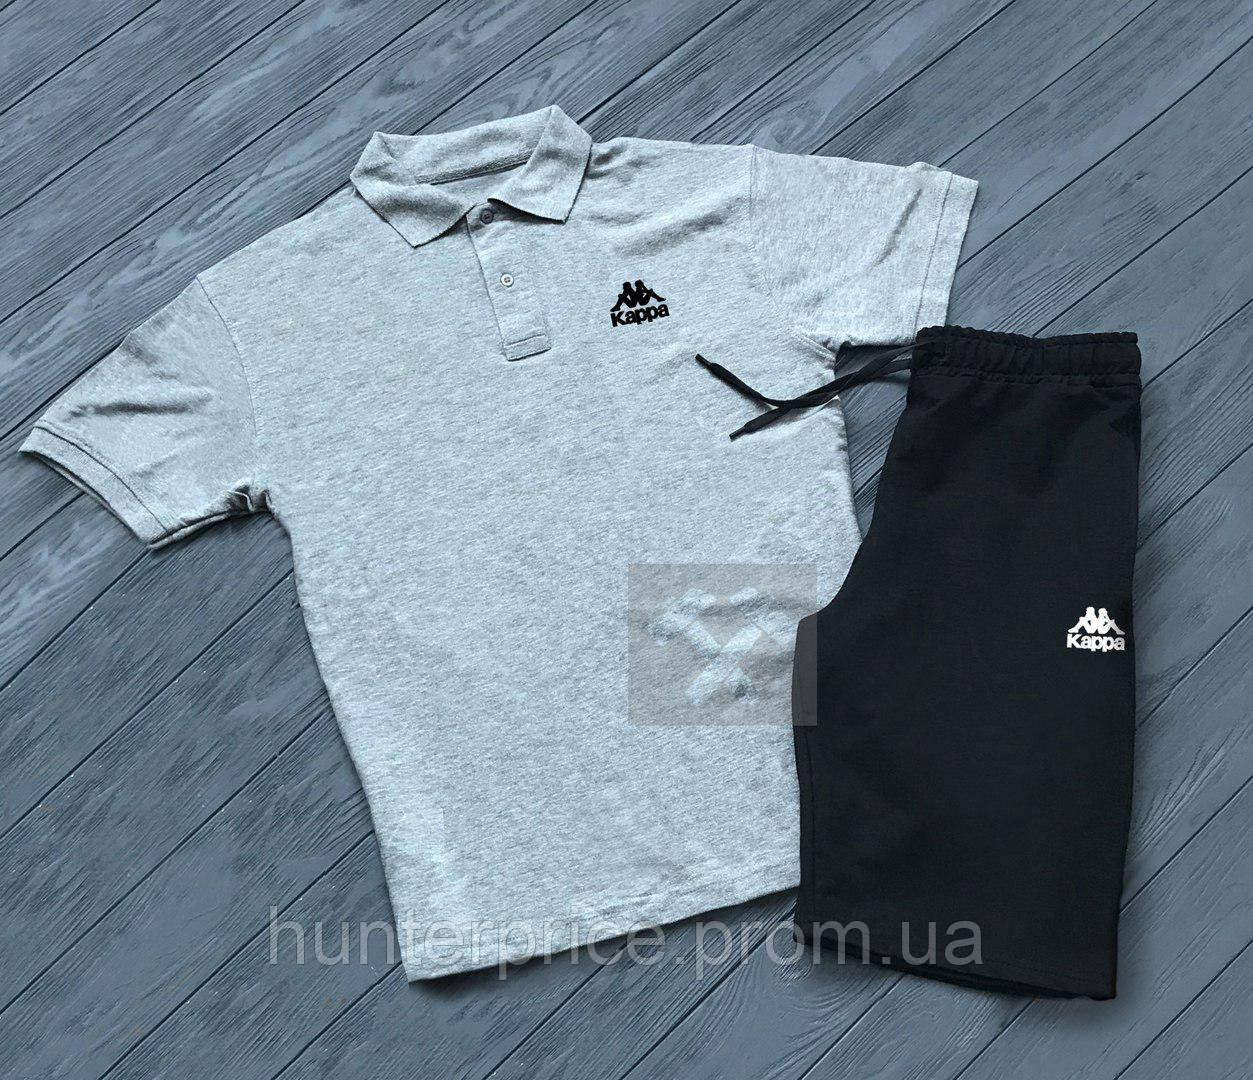 2c8cb31ef02e Комплект серая футболка поло и черные шорты Kappa   Серая тениска Kappa    Черные шорты Каппа